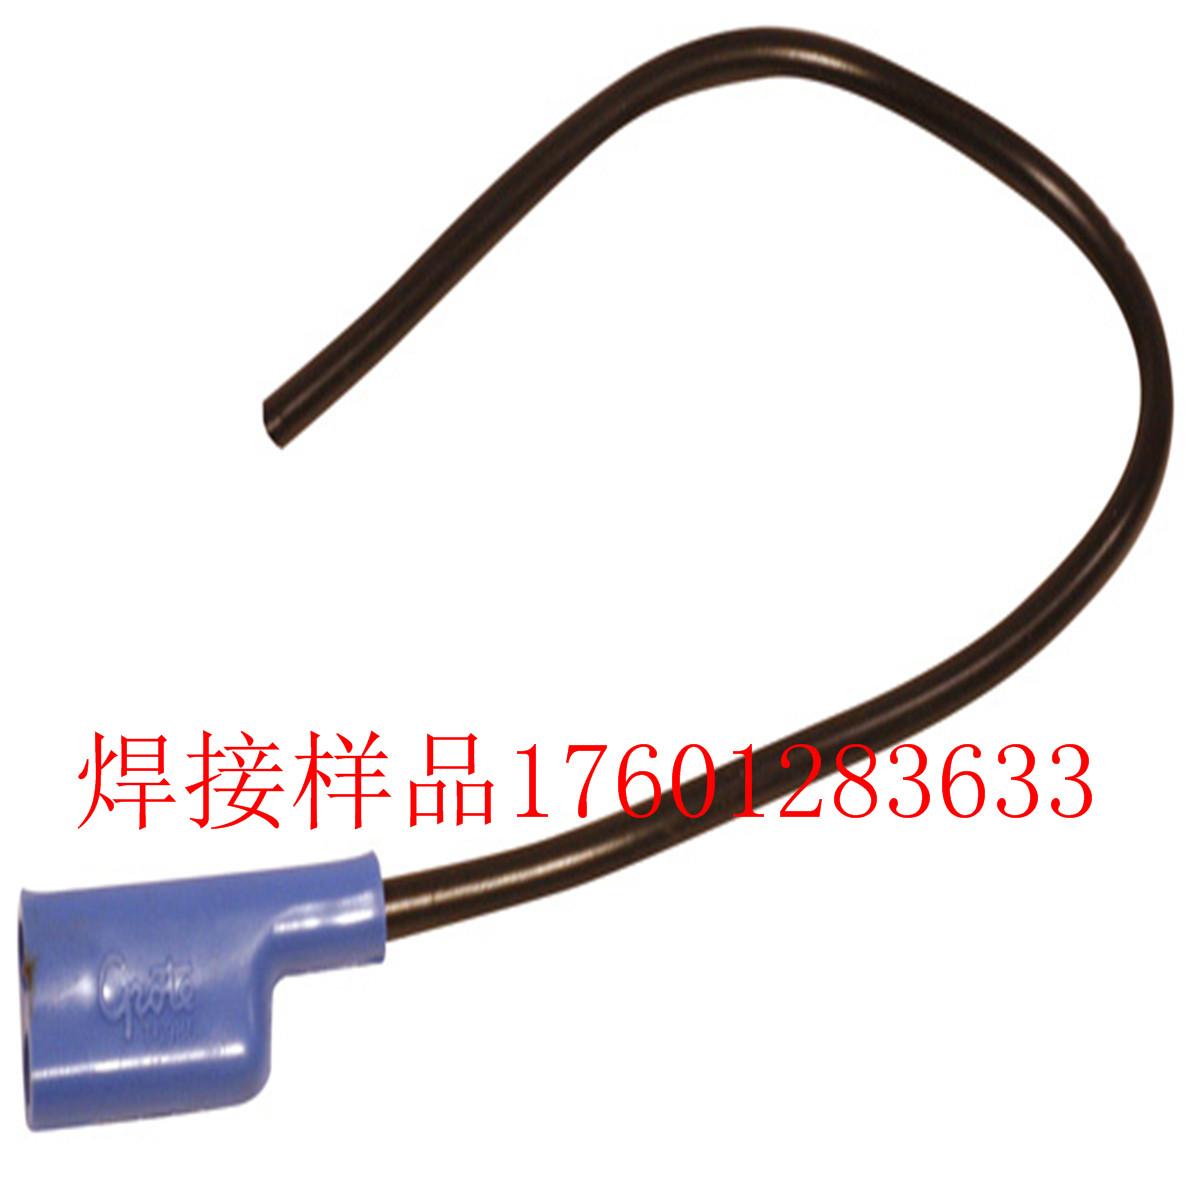 热板机图片桂林 LK-RB02L高精度热板机塑胶熔接机价格